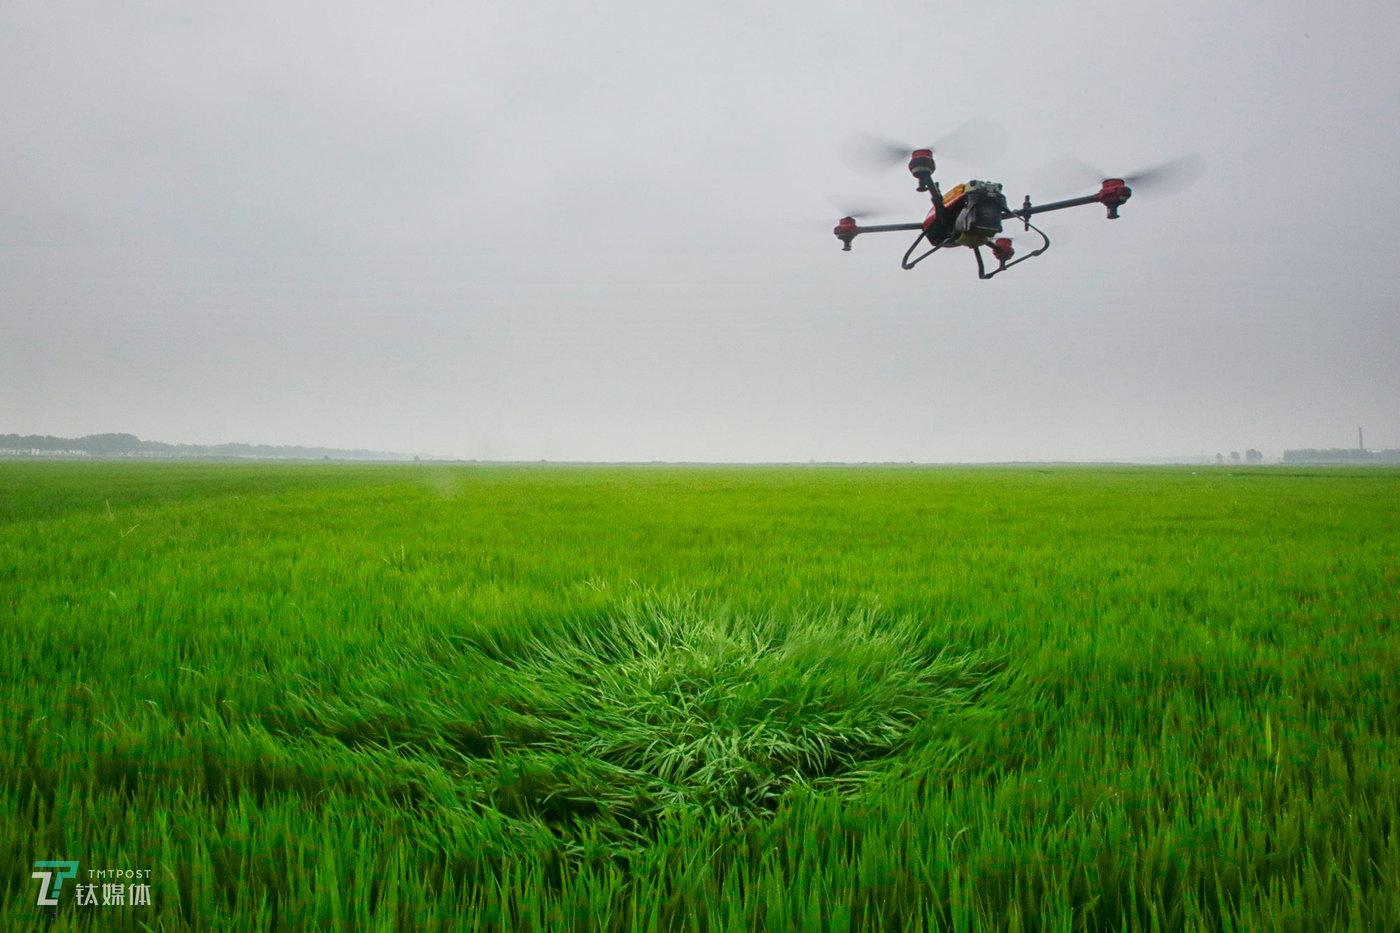 """去年两口子花15万买了这架极飞和周边设备,植保飞防市场在北大荒的兴起,让他们俩""""去年作业两个月就回本了""""。林东旭向钛媒体《在线》介绍,这架飞机一次起降作业,他们就能挣80元,无人机1小时的作业面积,以往人工喷洒需要2天。"""